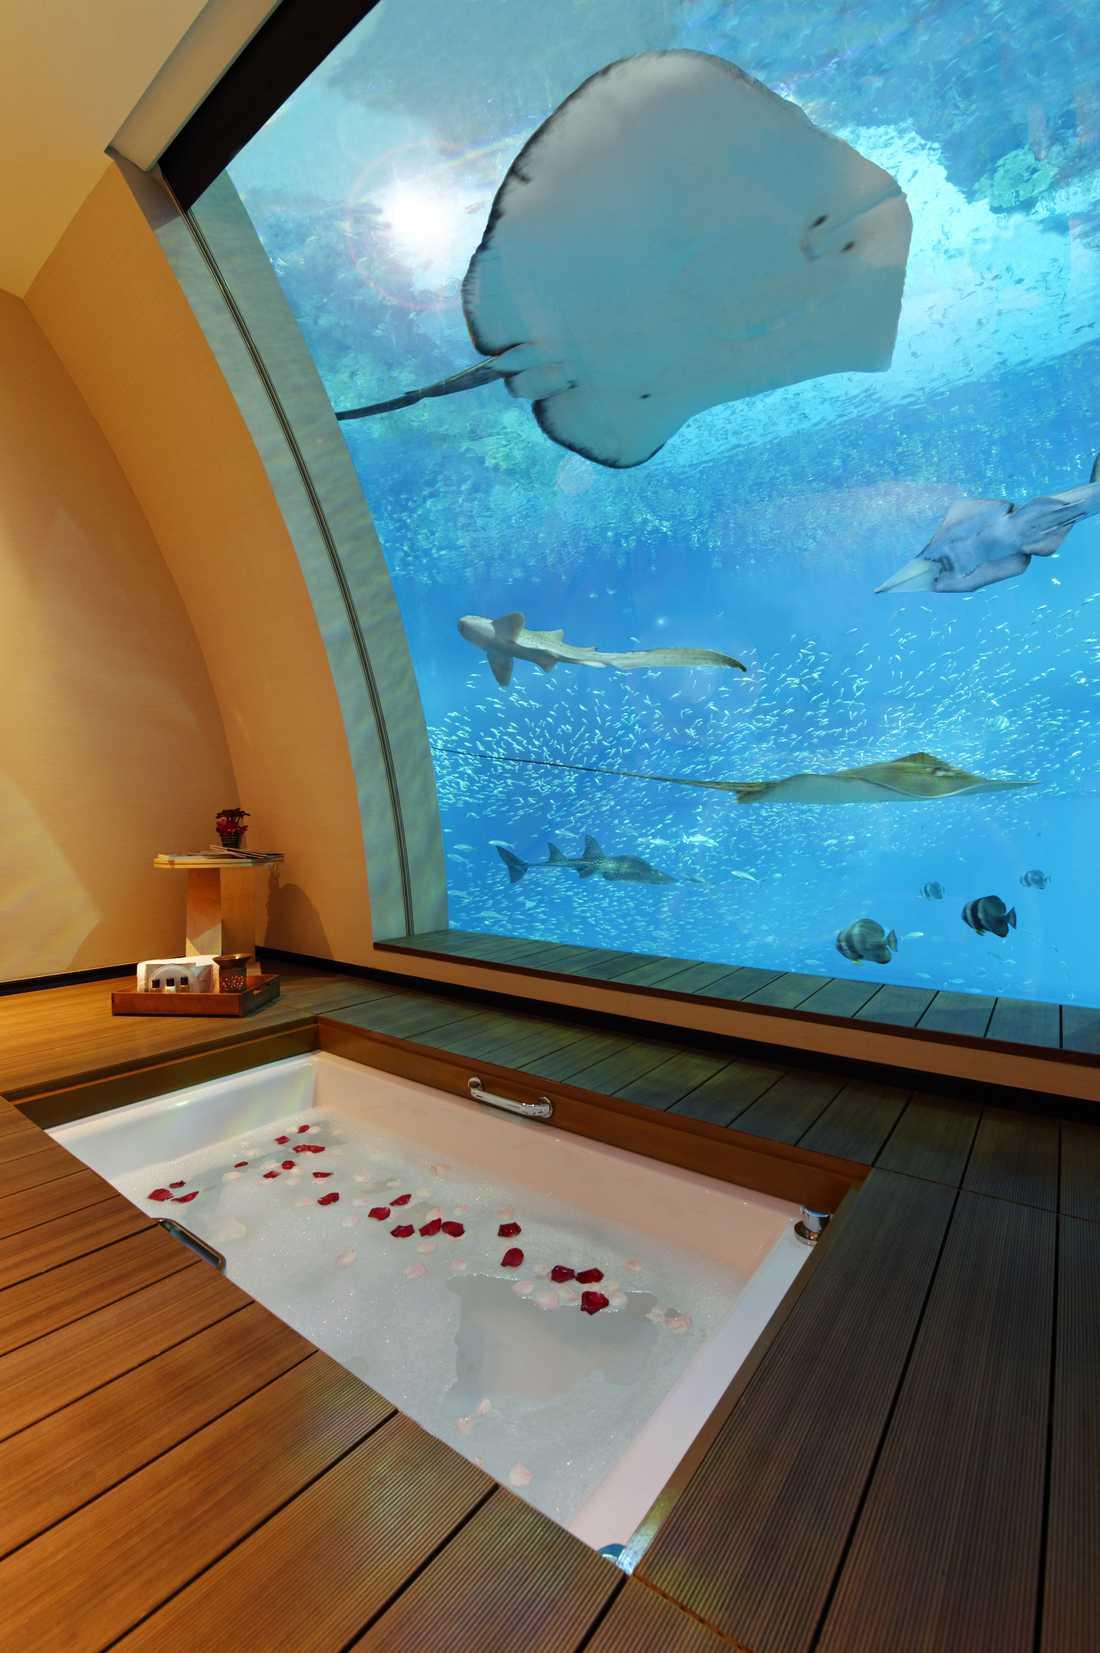 Också i badkaret har du närkonakt med alla fiskar.